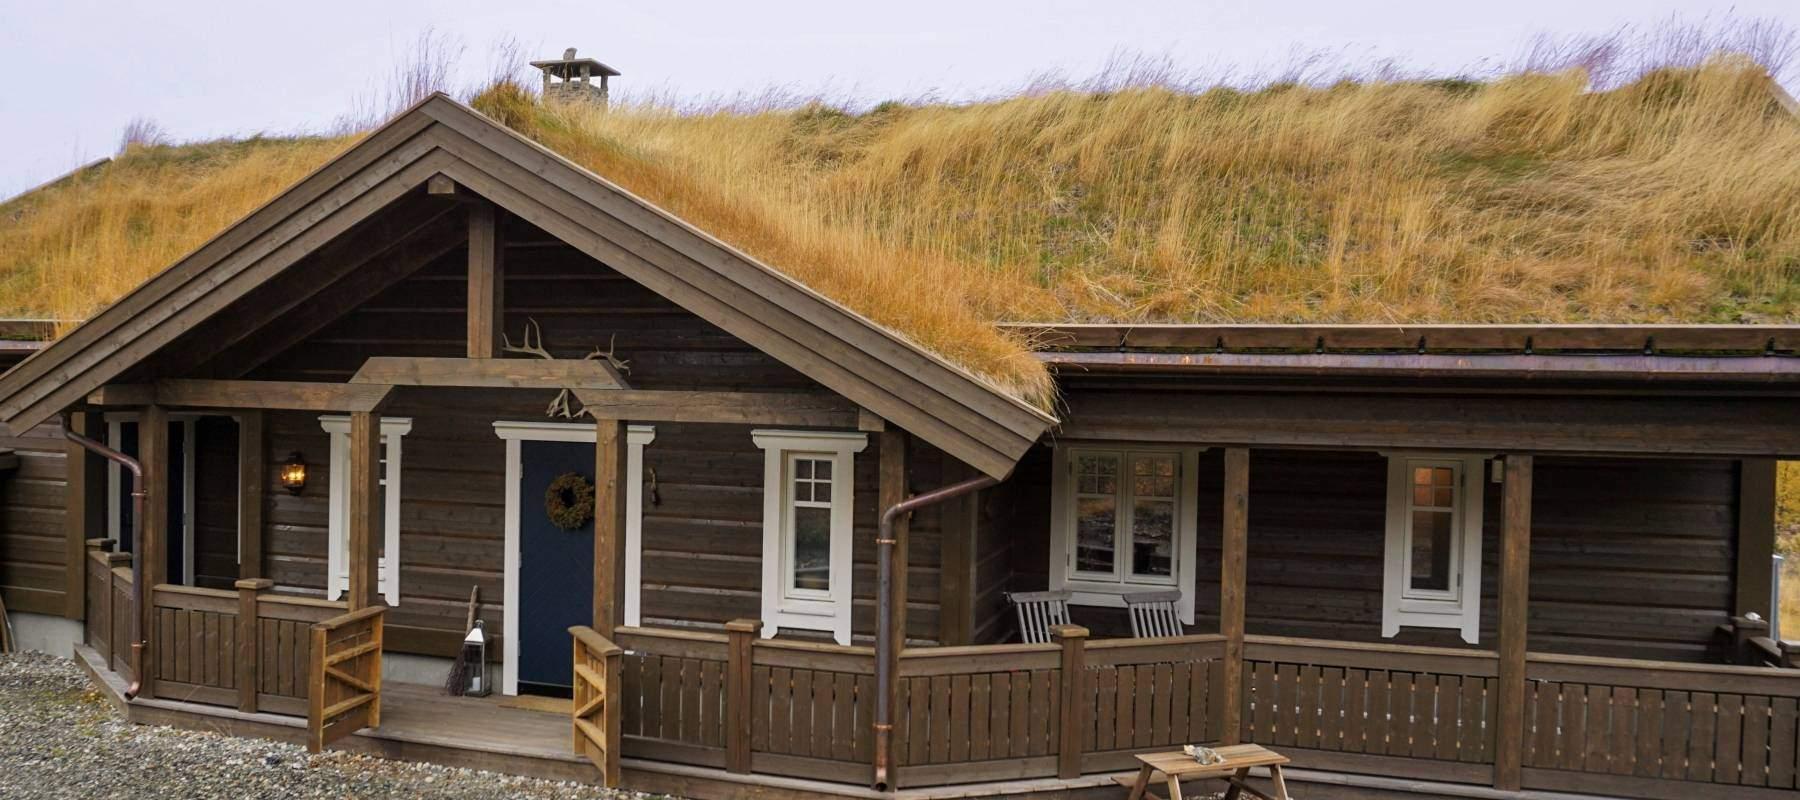 2101 Hytte på Gålå. Hytte Hemsedal